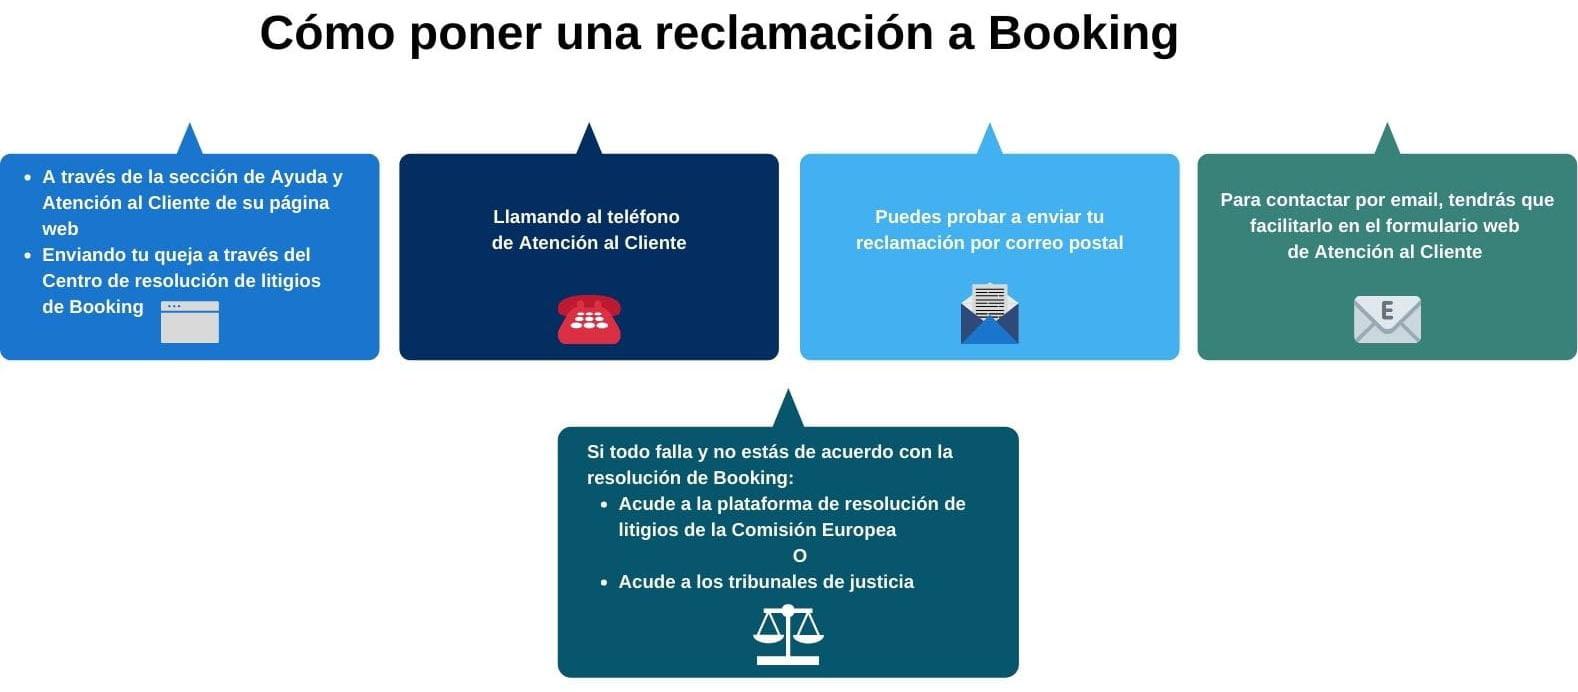 Pasos para poner reclamaciones a Booking